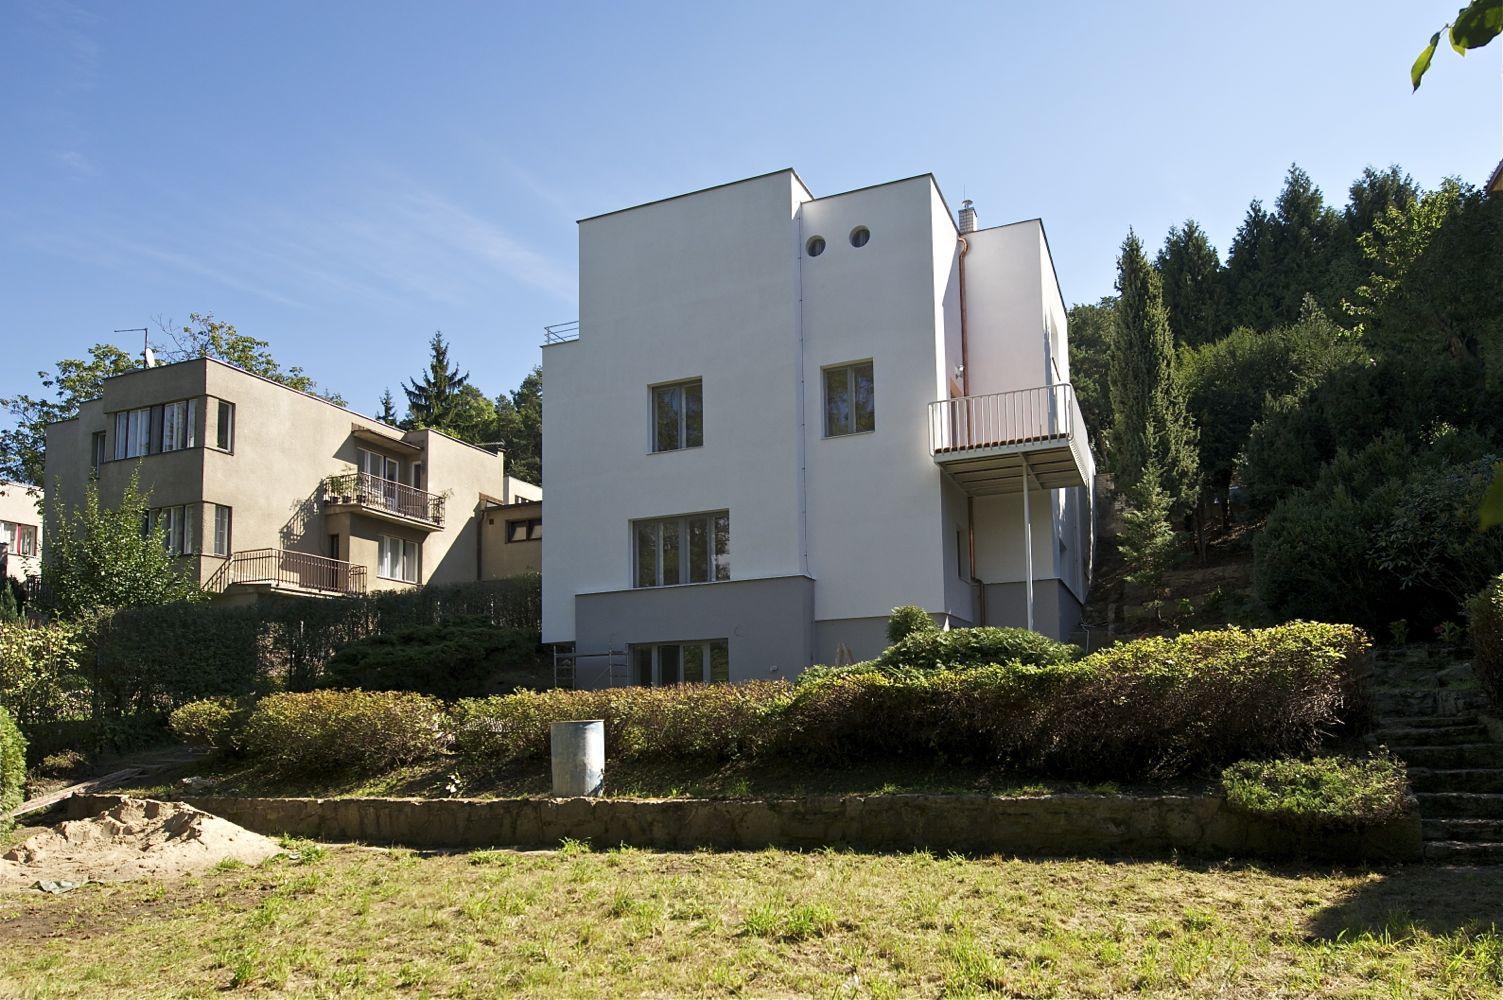 Rekonstrukce funkcionalistické vily v Hlubočepích